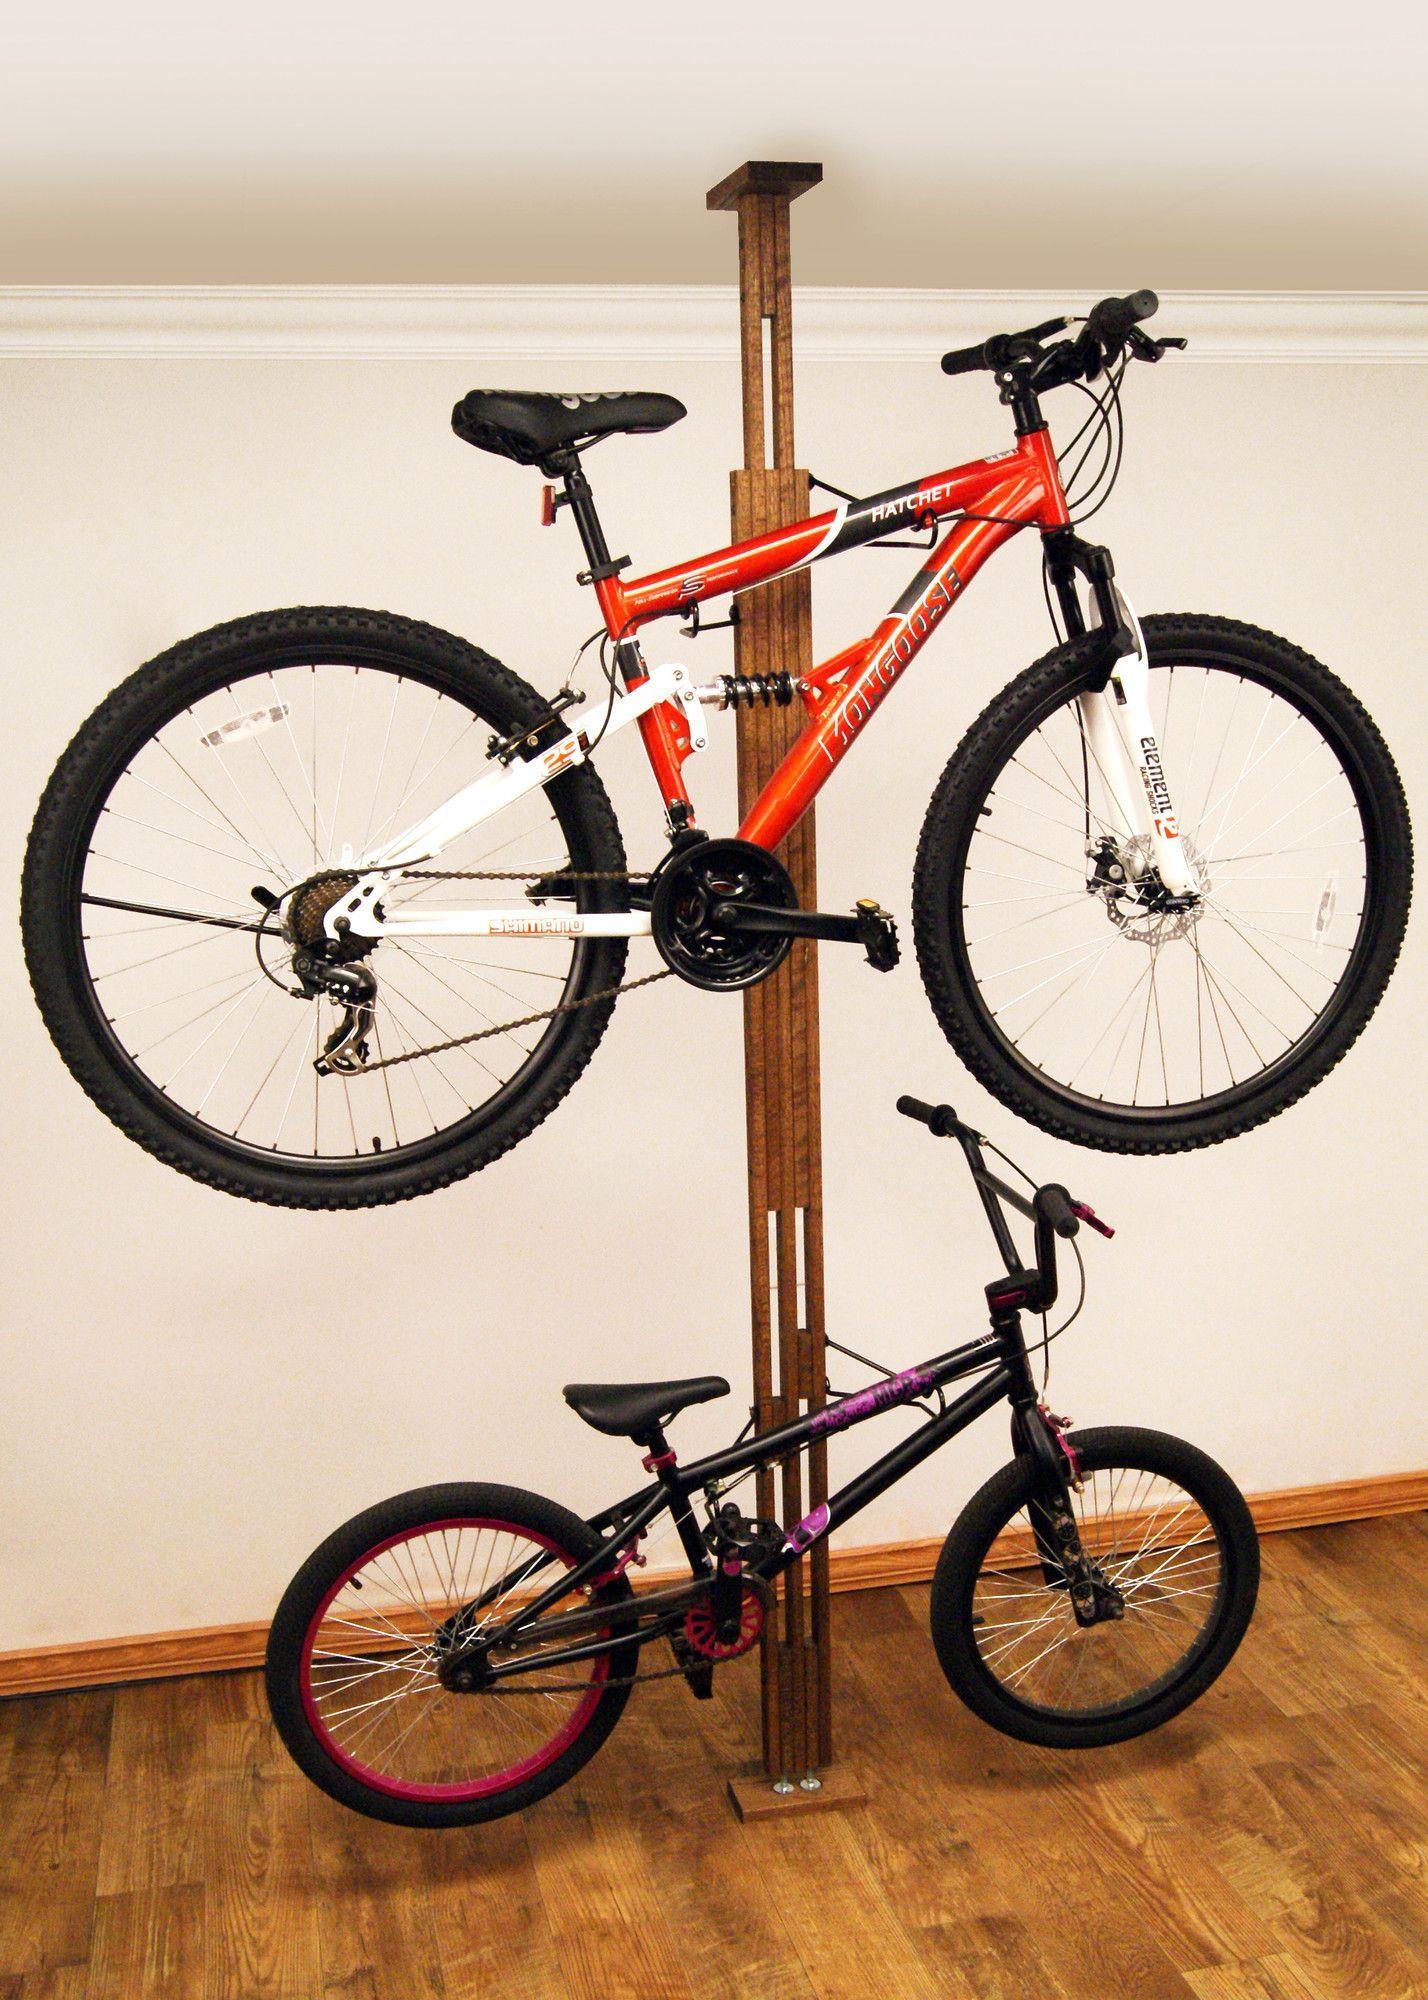 Signature Series 2 Bike Oakrak Floor To Ceiling Mounted Bike Rack Products Ceiling Storage Rack Bike Storage Rack Storage Rack